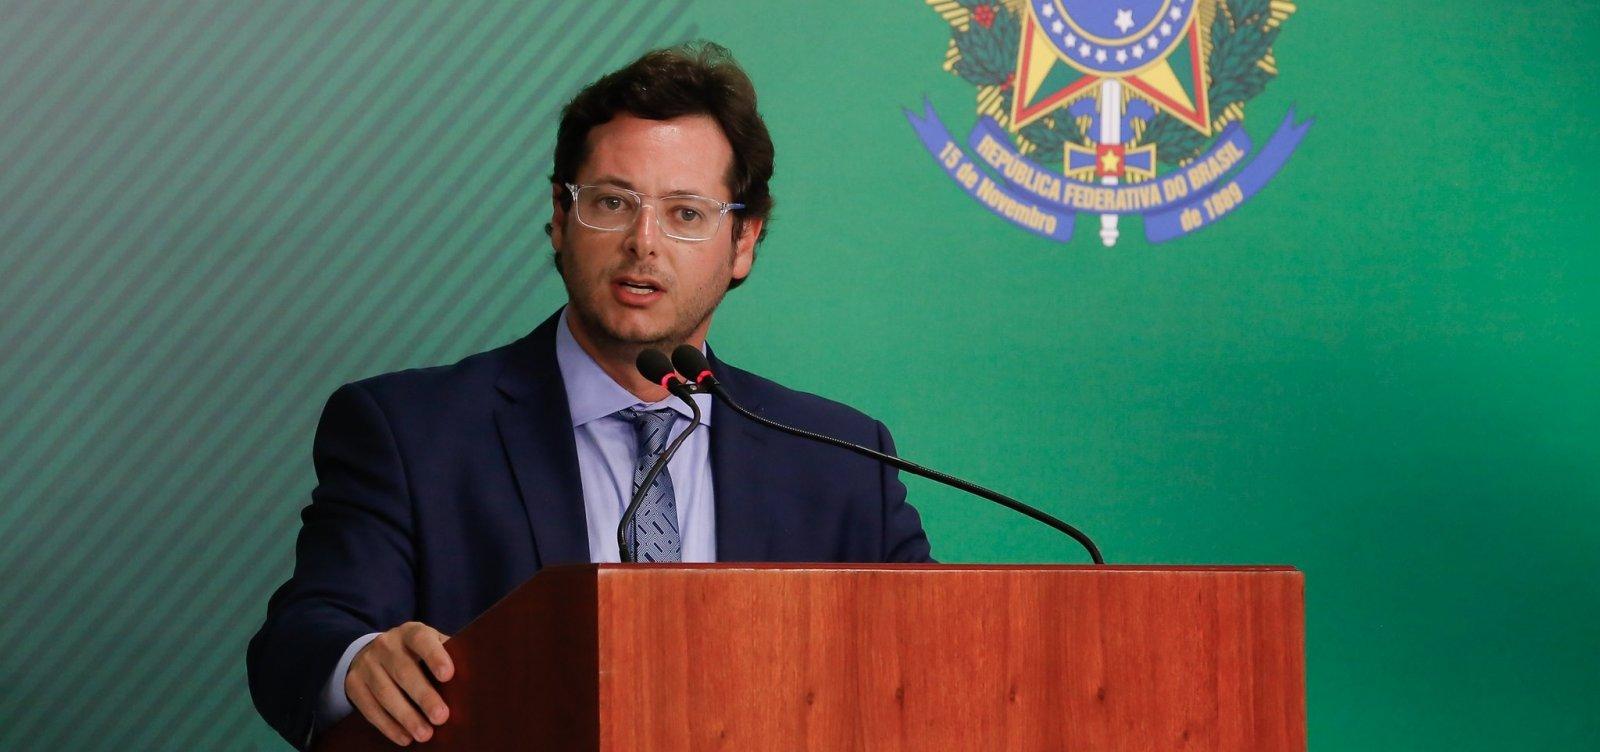 Administrador confirma que empresa de chefe da Secom de Bolsonaro tem 'dezenas de clientes'